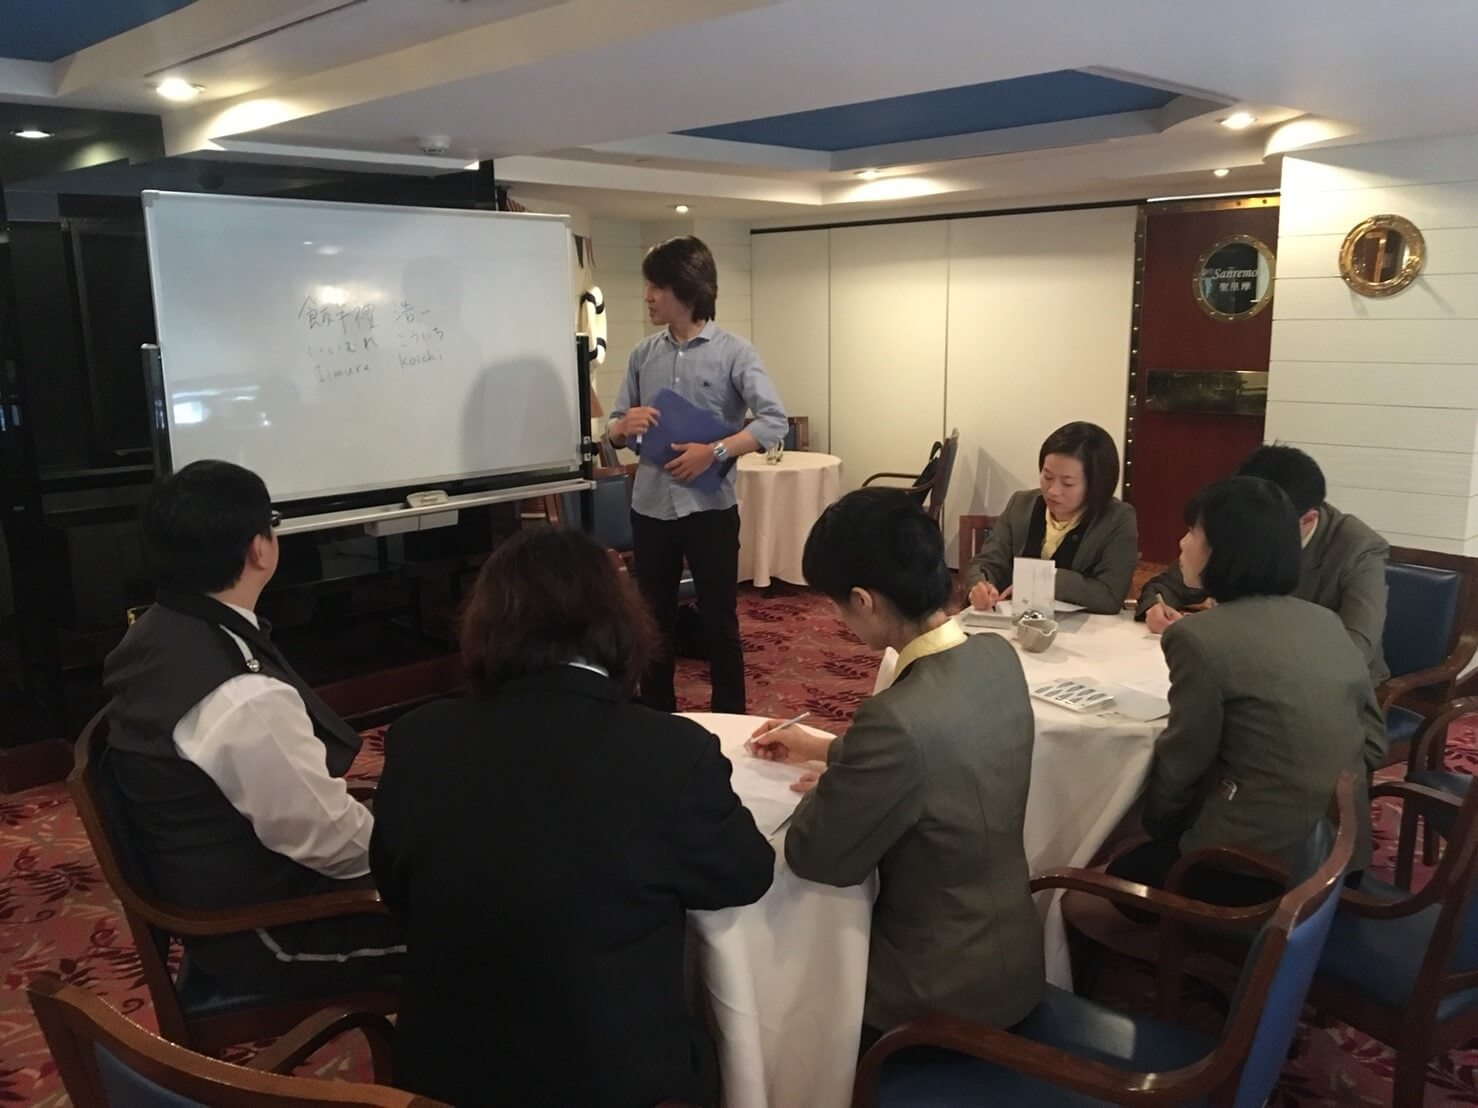 企業外派 企業培訓 英文培訓 群筑英日語 台北英語補習班 學英文 學日文 上班族進修 公司學英文